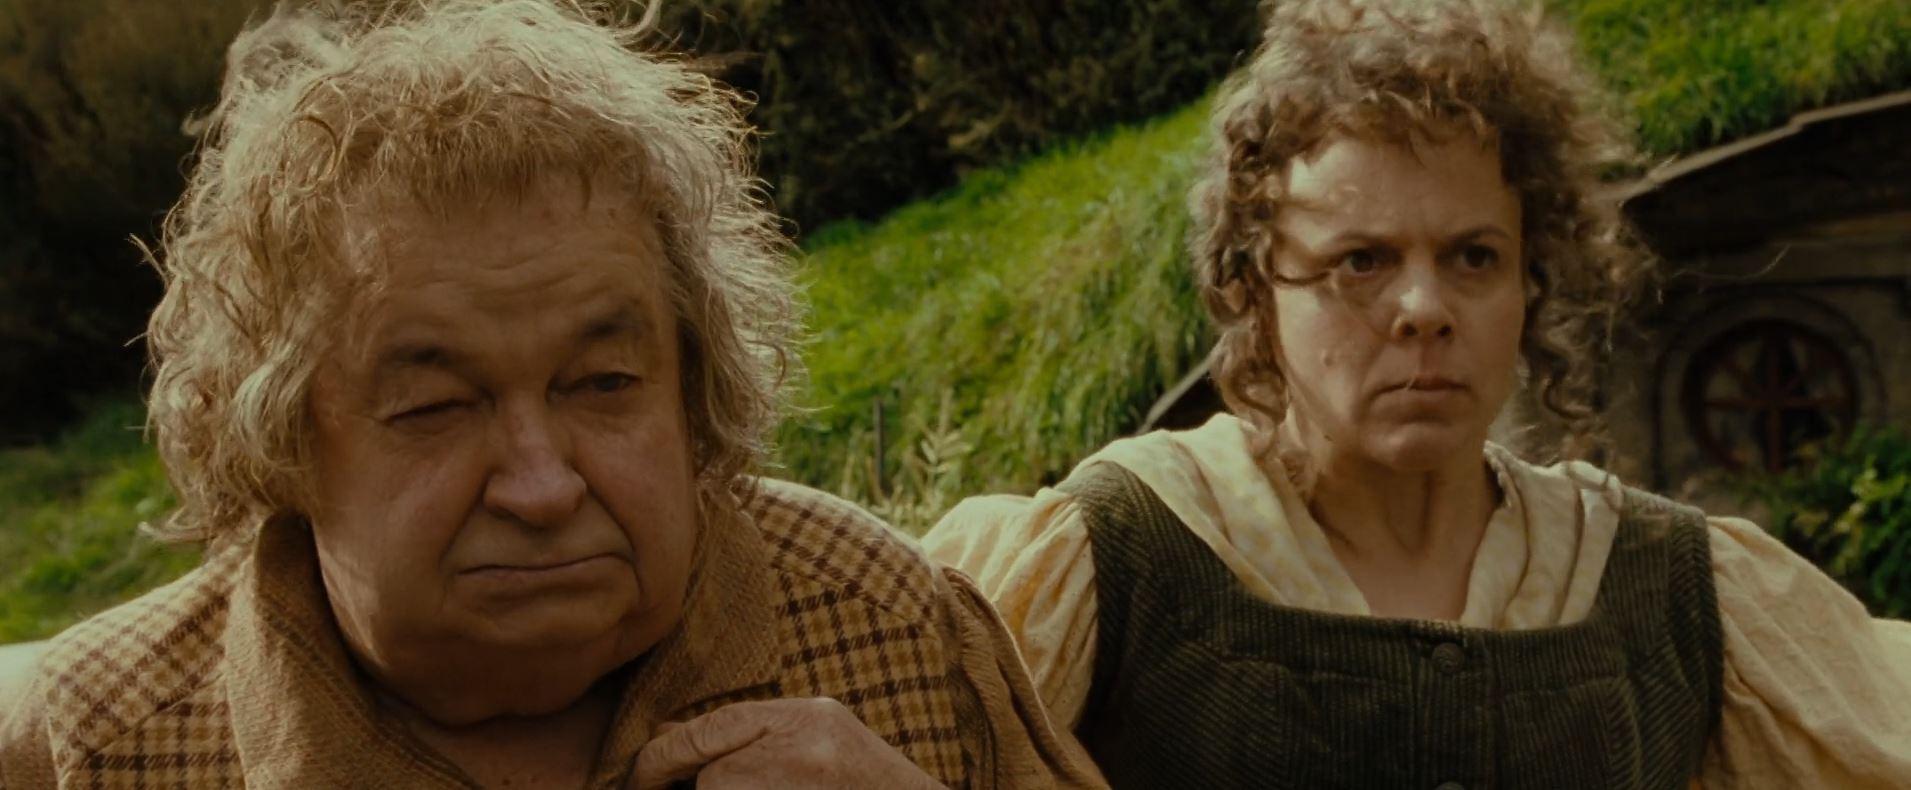 le seigneur des anneaux hobbits couple